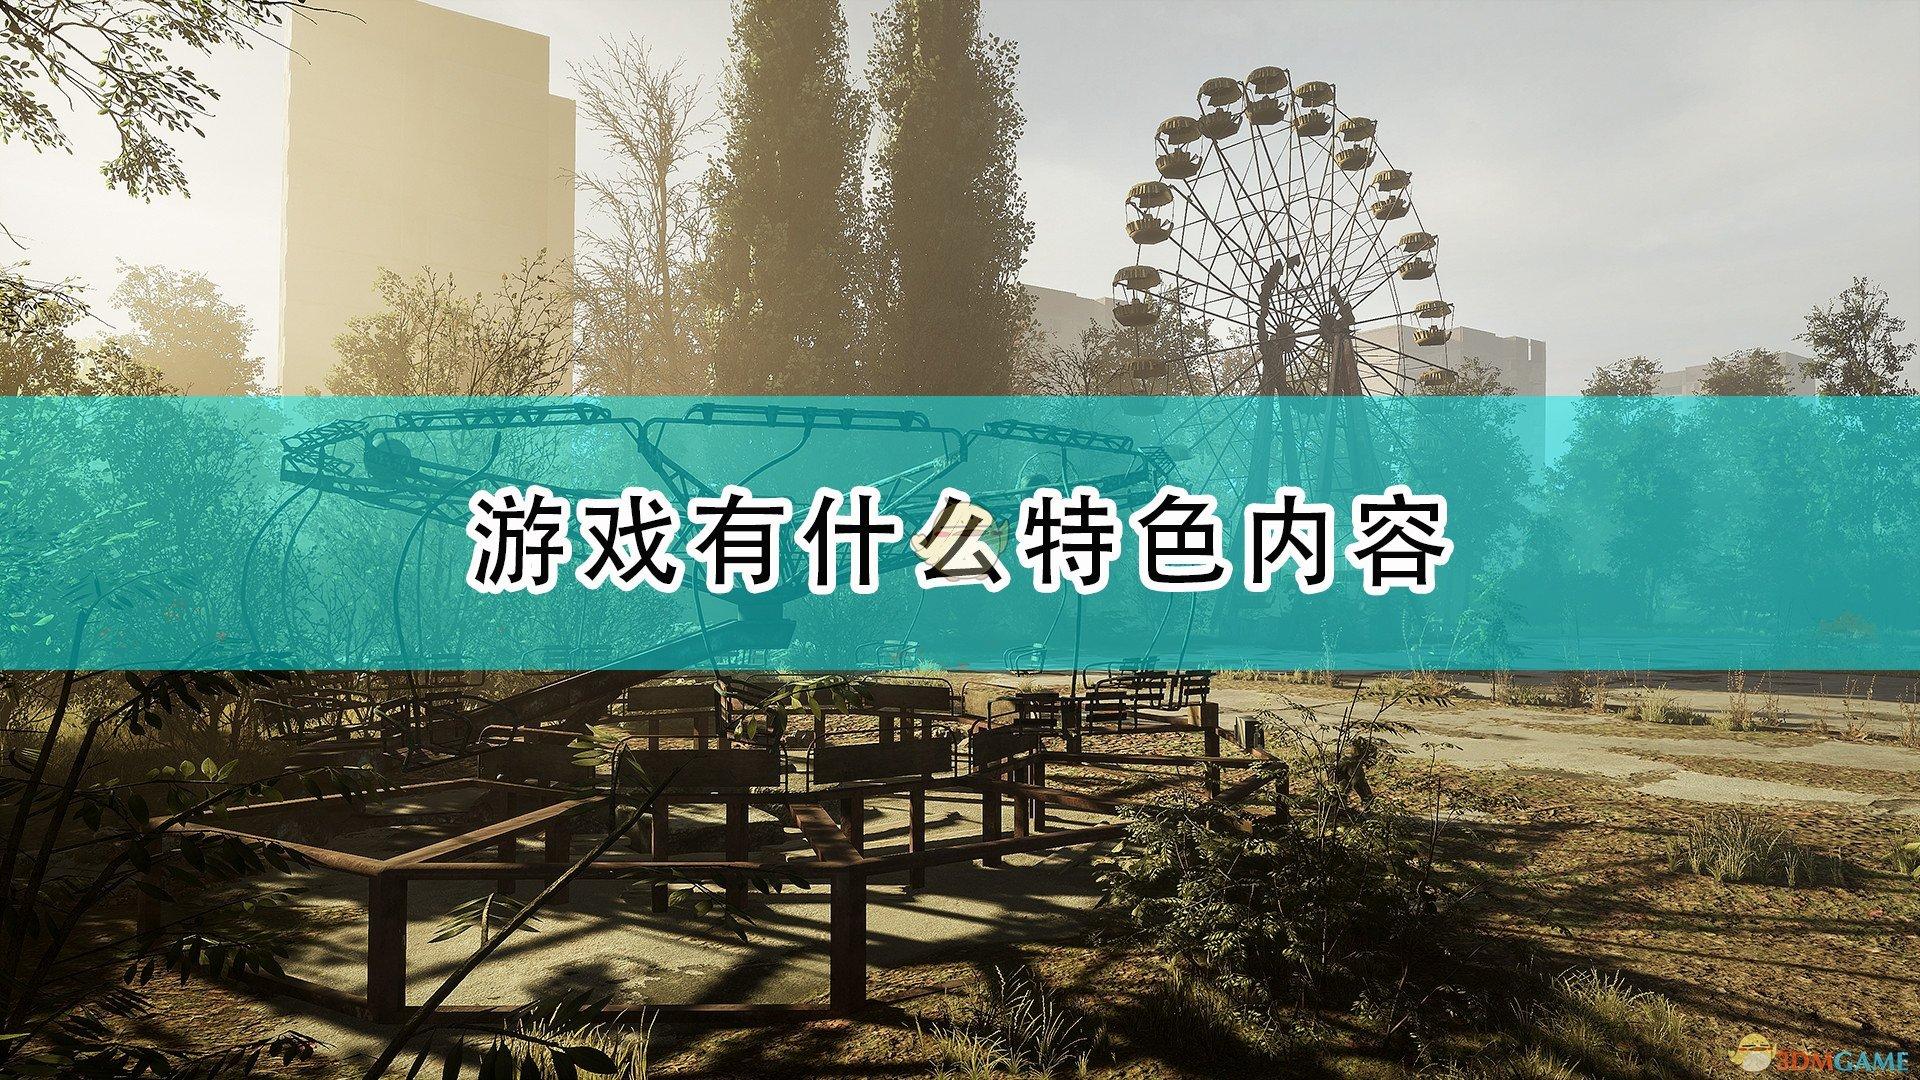 《車諾比人》遊戲特色內容一覽